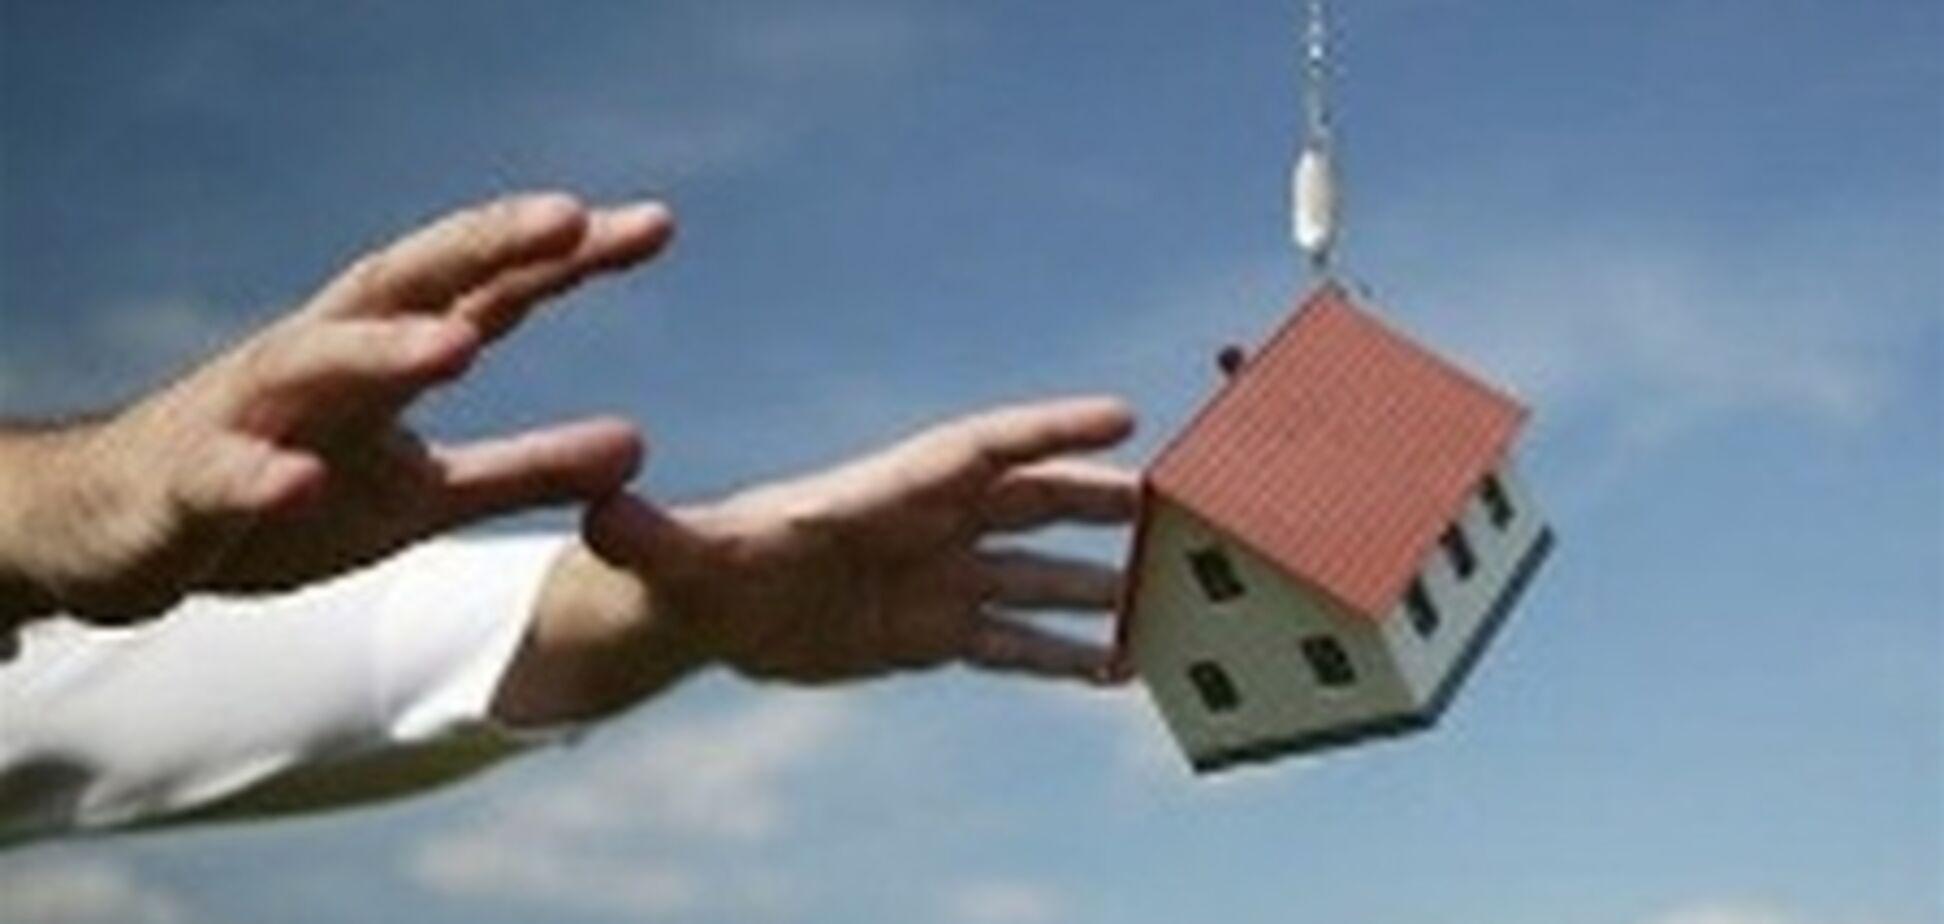 В Киевской области затевается очередная масштабная жилищная афера?